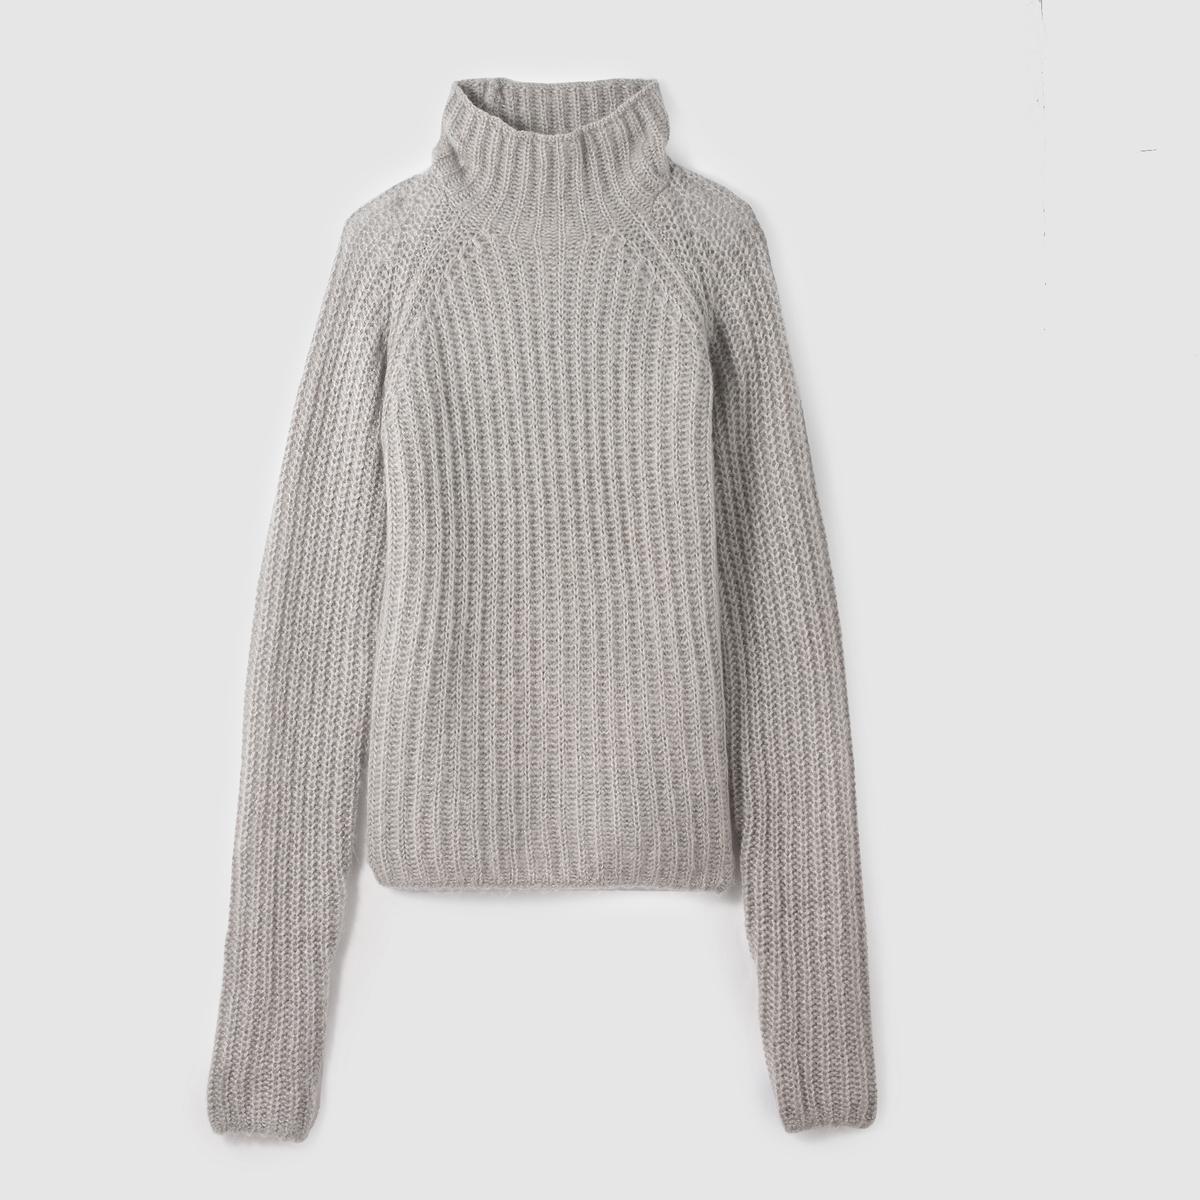 Пуловер с длинными рукавами HAZE KNITСостав и описание :Материал : 100% акрилМарка : CHEAP MONDAY.<br><br>Цвет: серый<br>Размер: L